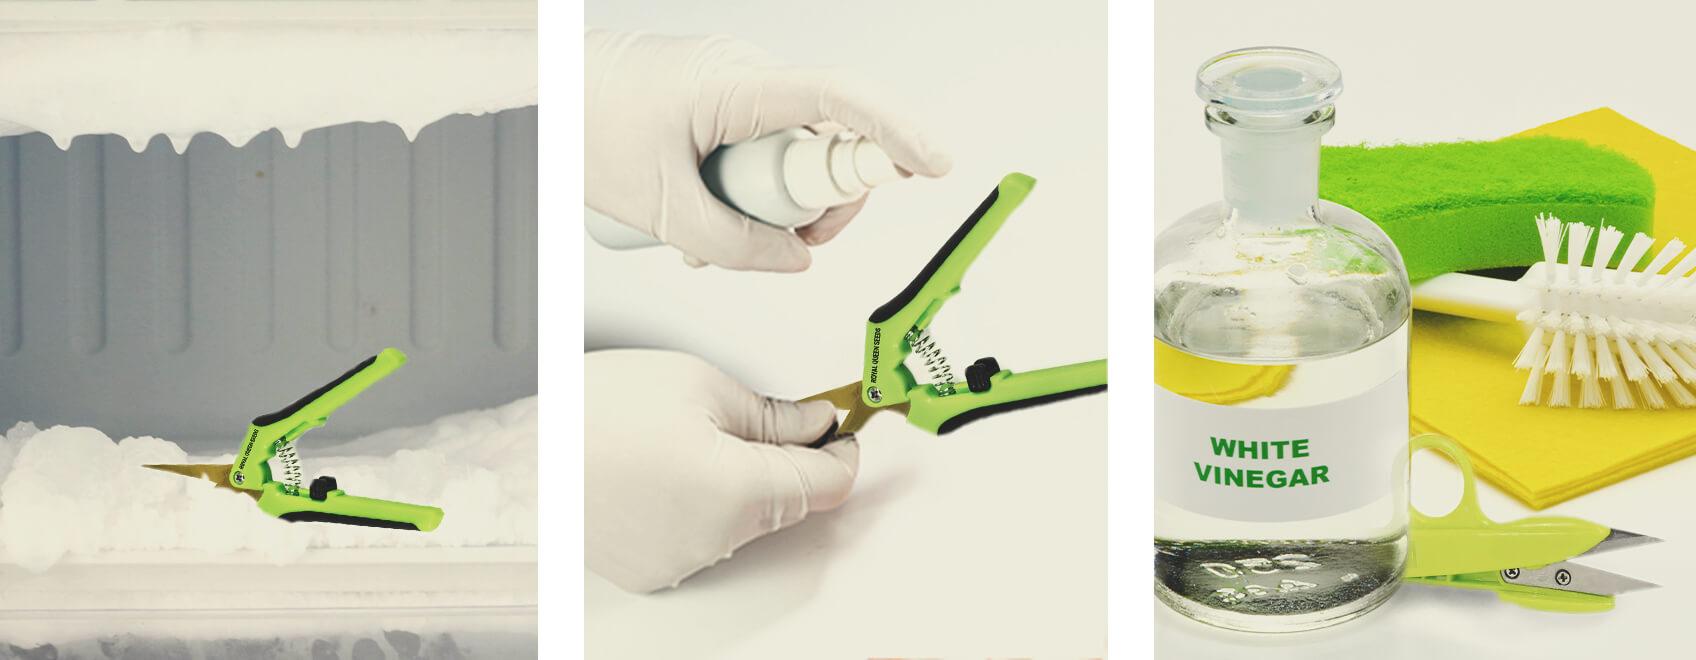 5 formas de limpiar tus tijeras de manicurar cannabis